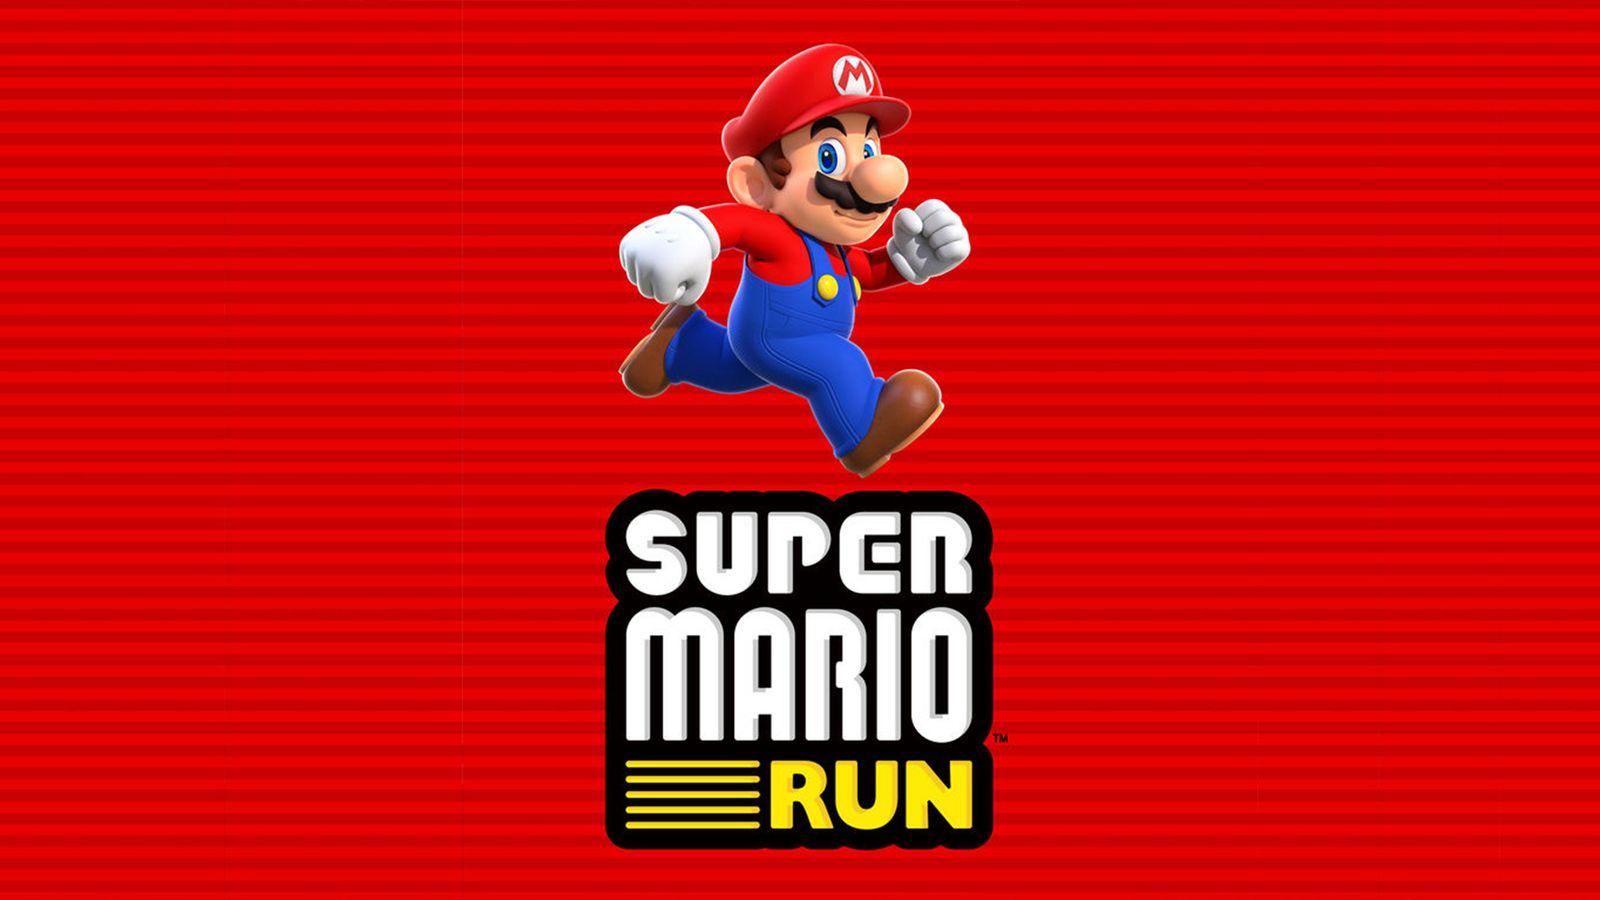 Super Mario Run Là Gì? Tìm Hiểu Về Super Mario Run Là Gì?